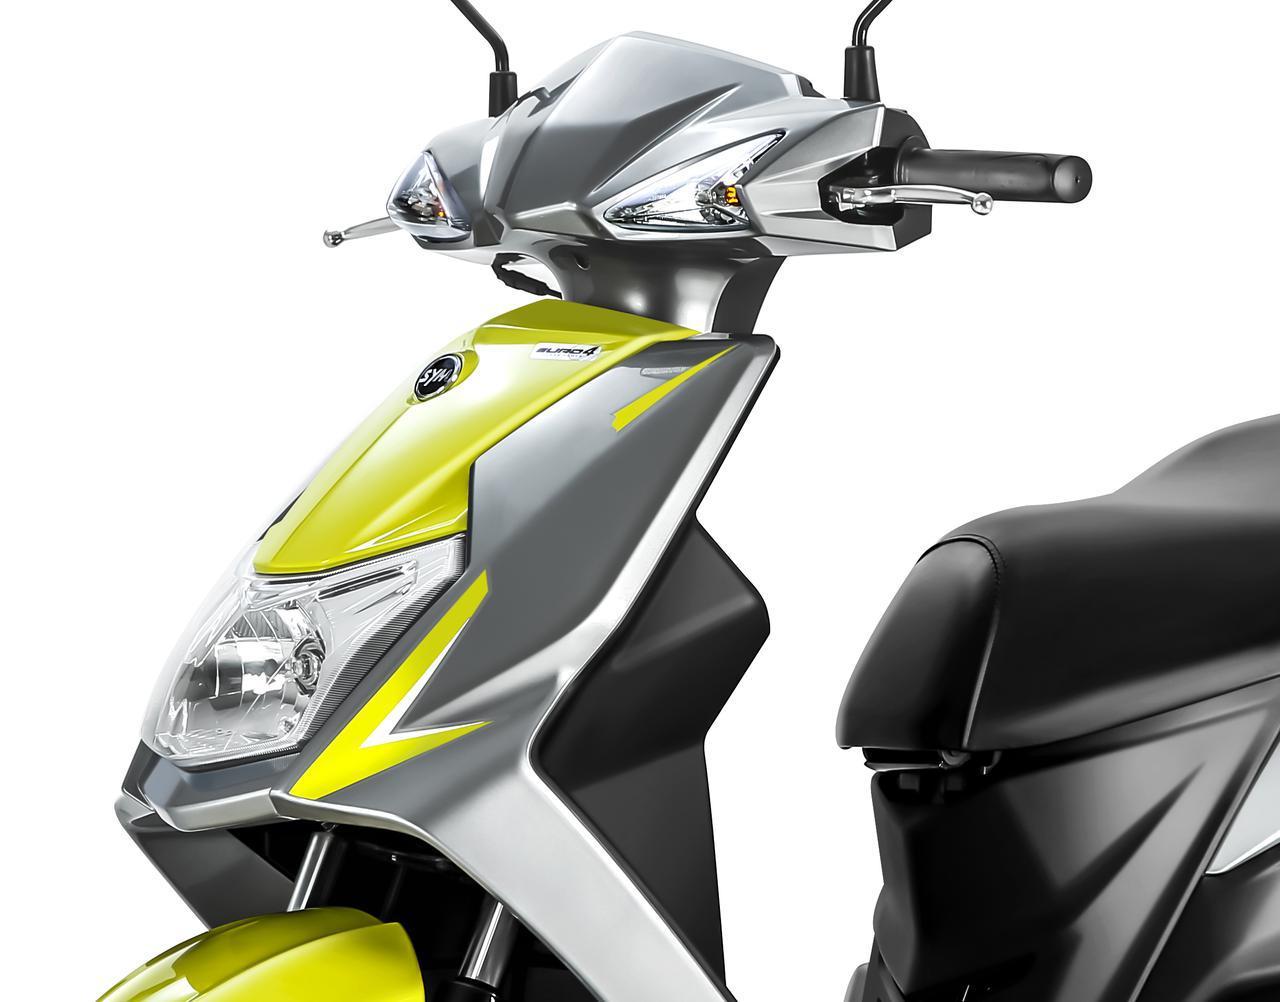 画像: 【新車】50ccと125ccどっちにする!? コスパ最強スクーターSYM「Orbit III」に待望のニューカラーが登場! - webオートバイ